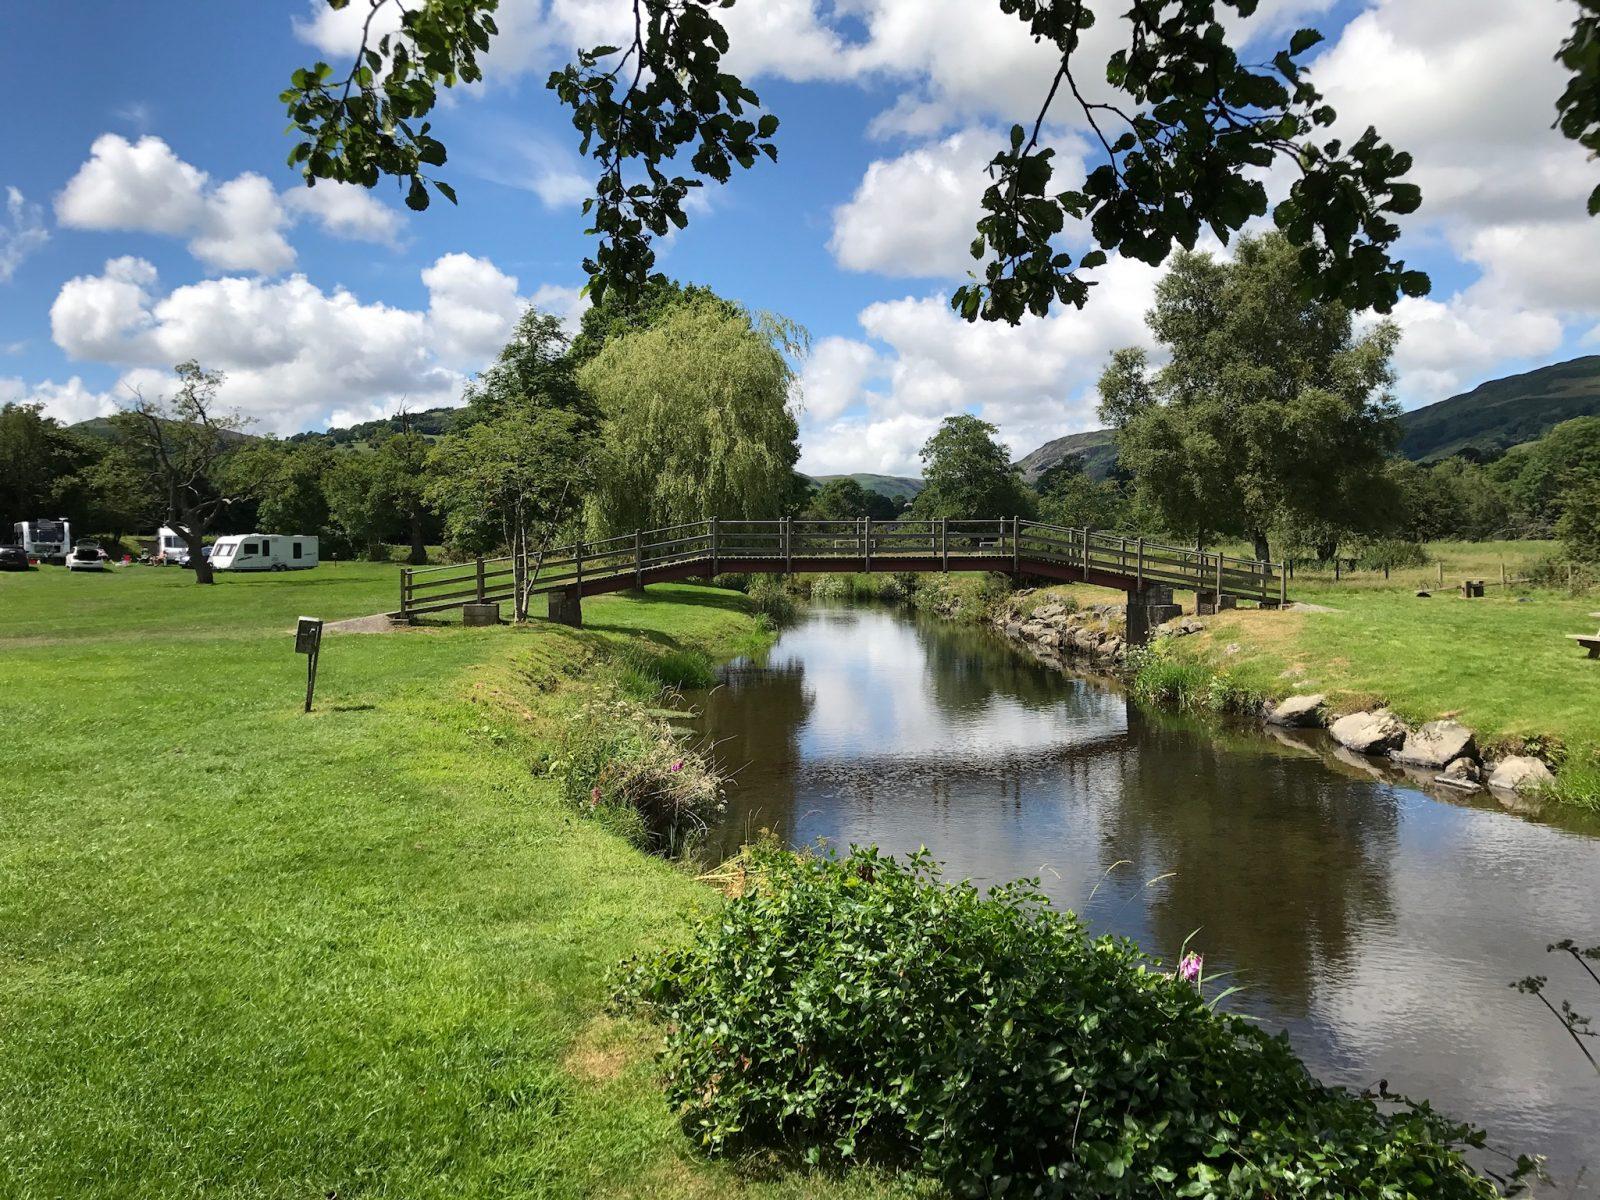 Parc Farm Caravan Park bridge